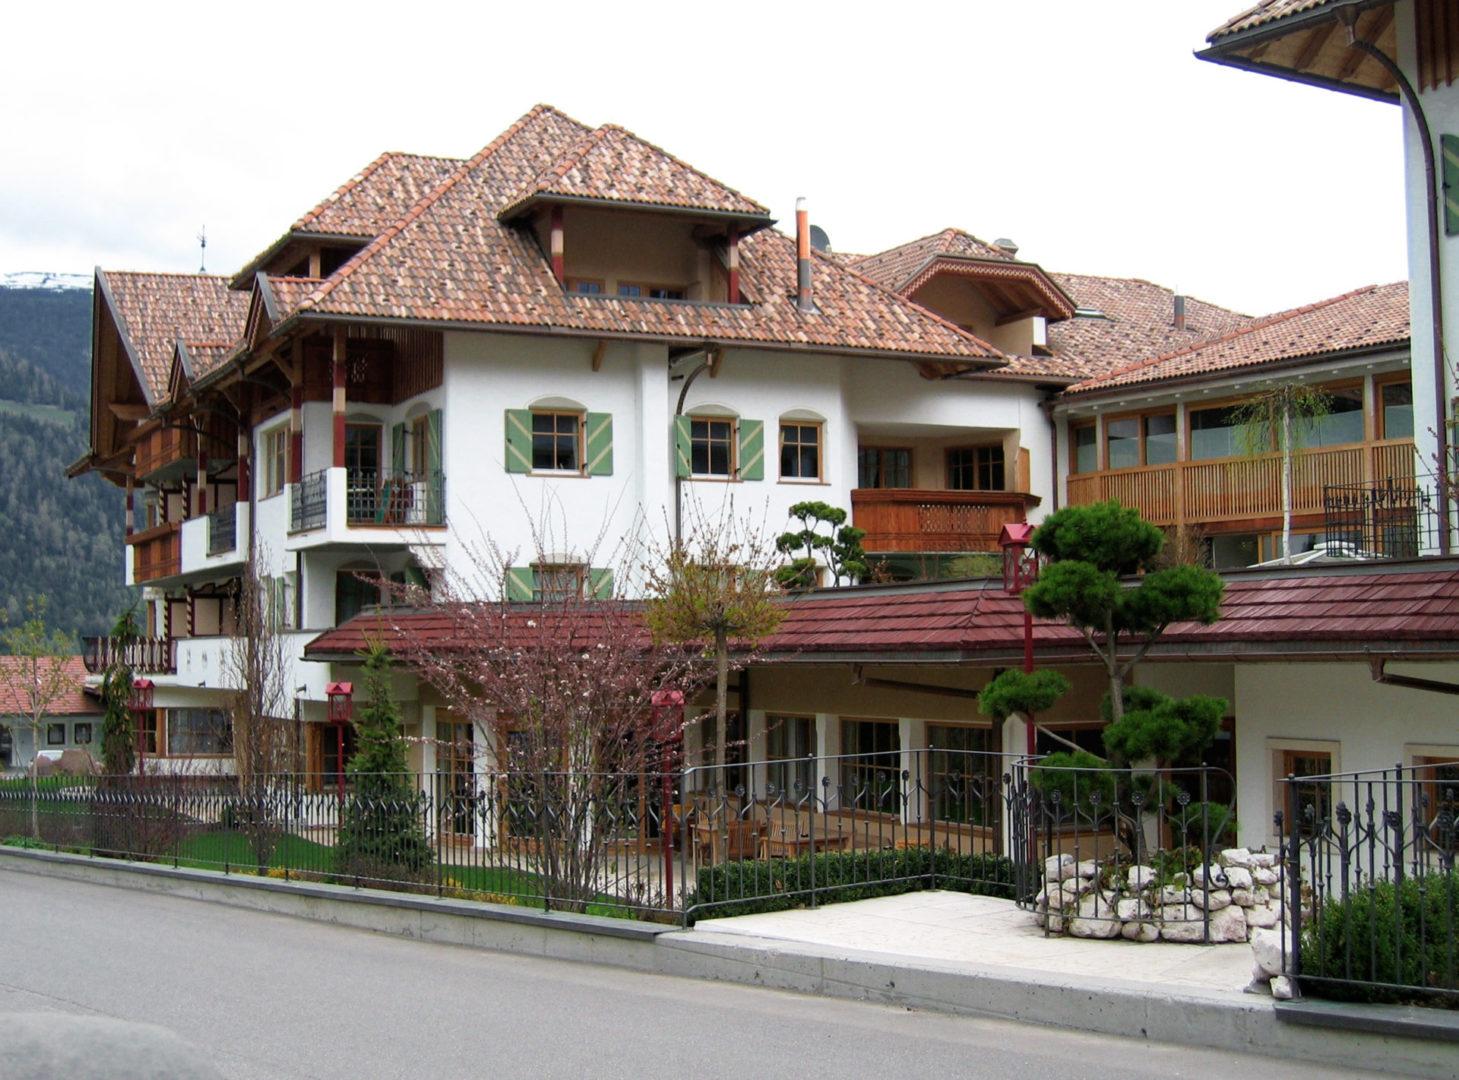 Referenzen Hotel Mirab. scaled